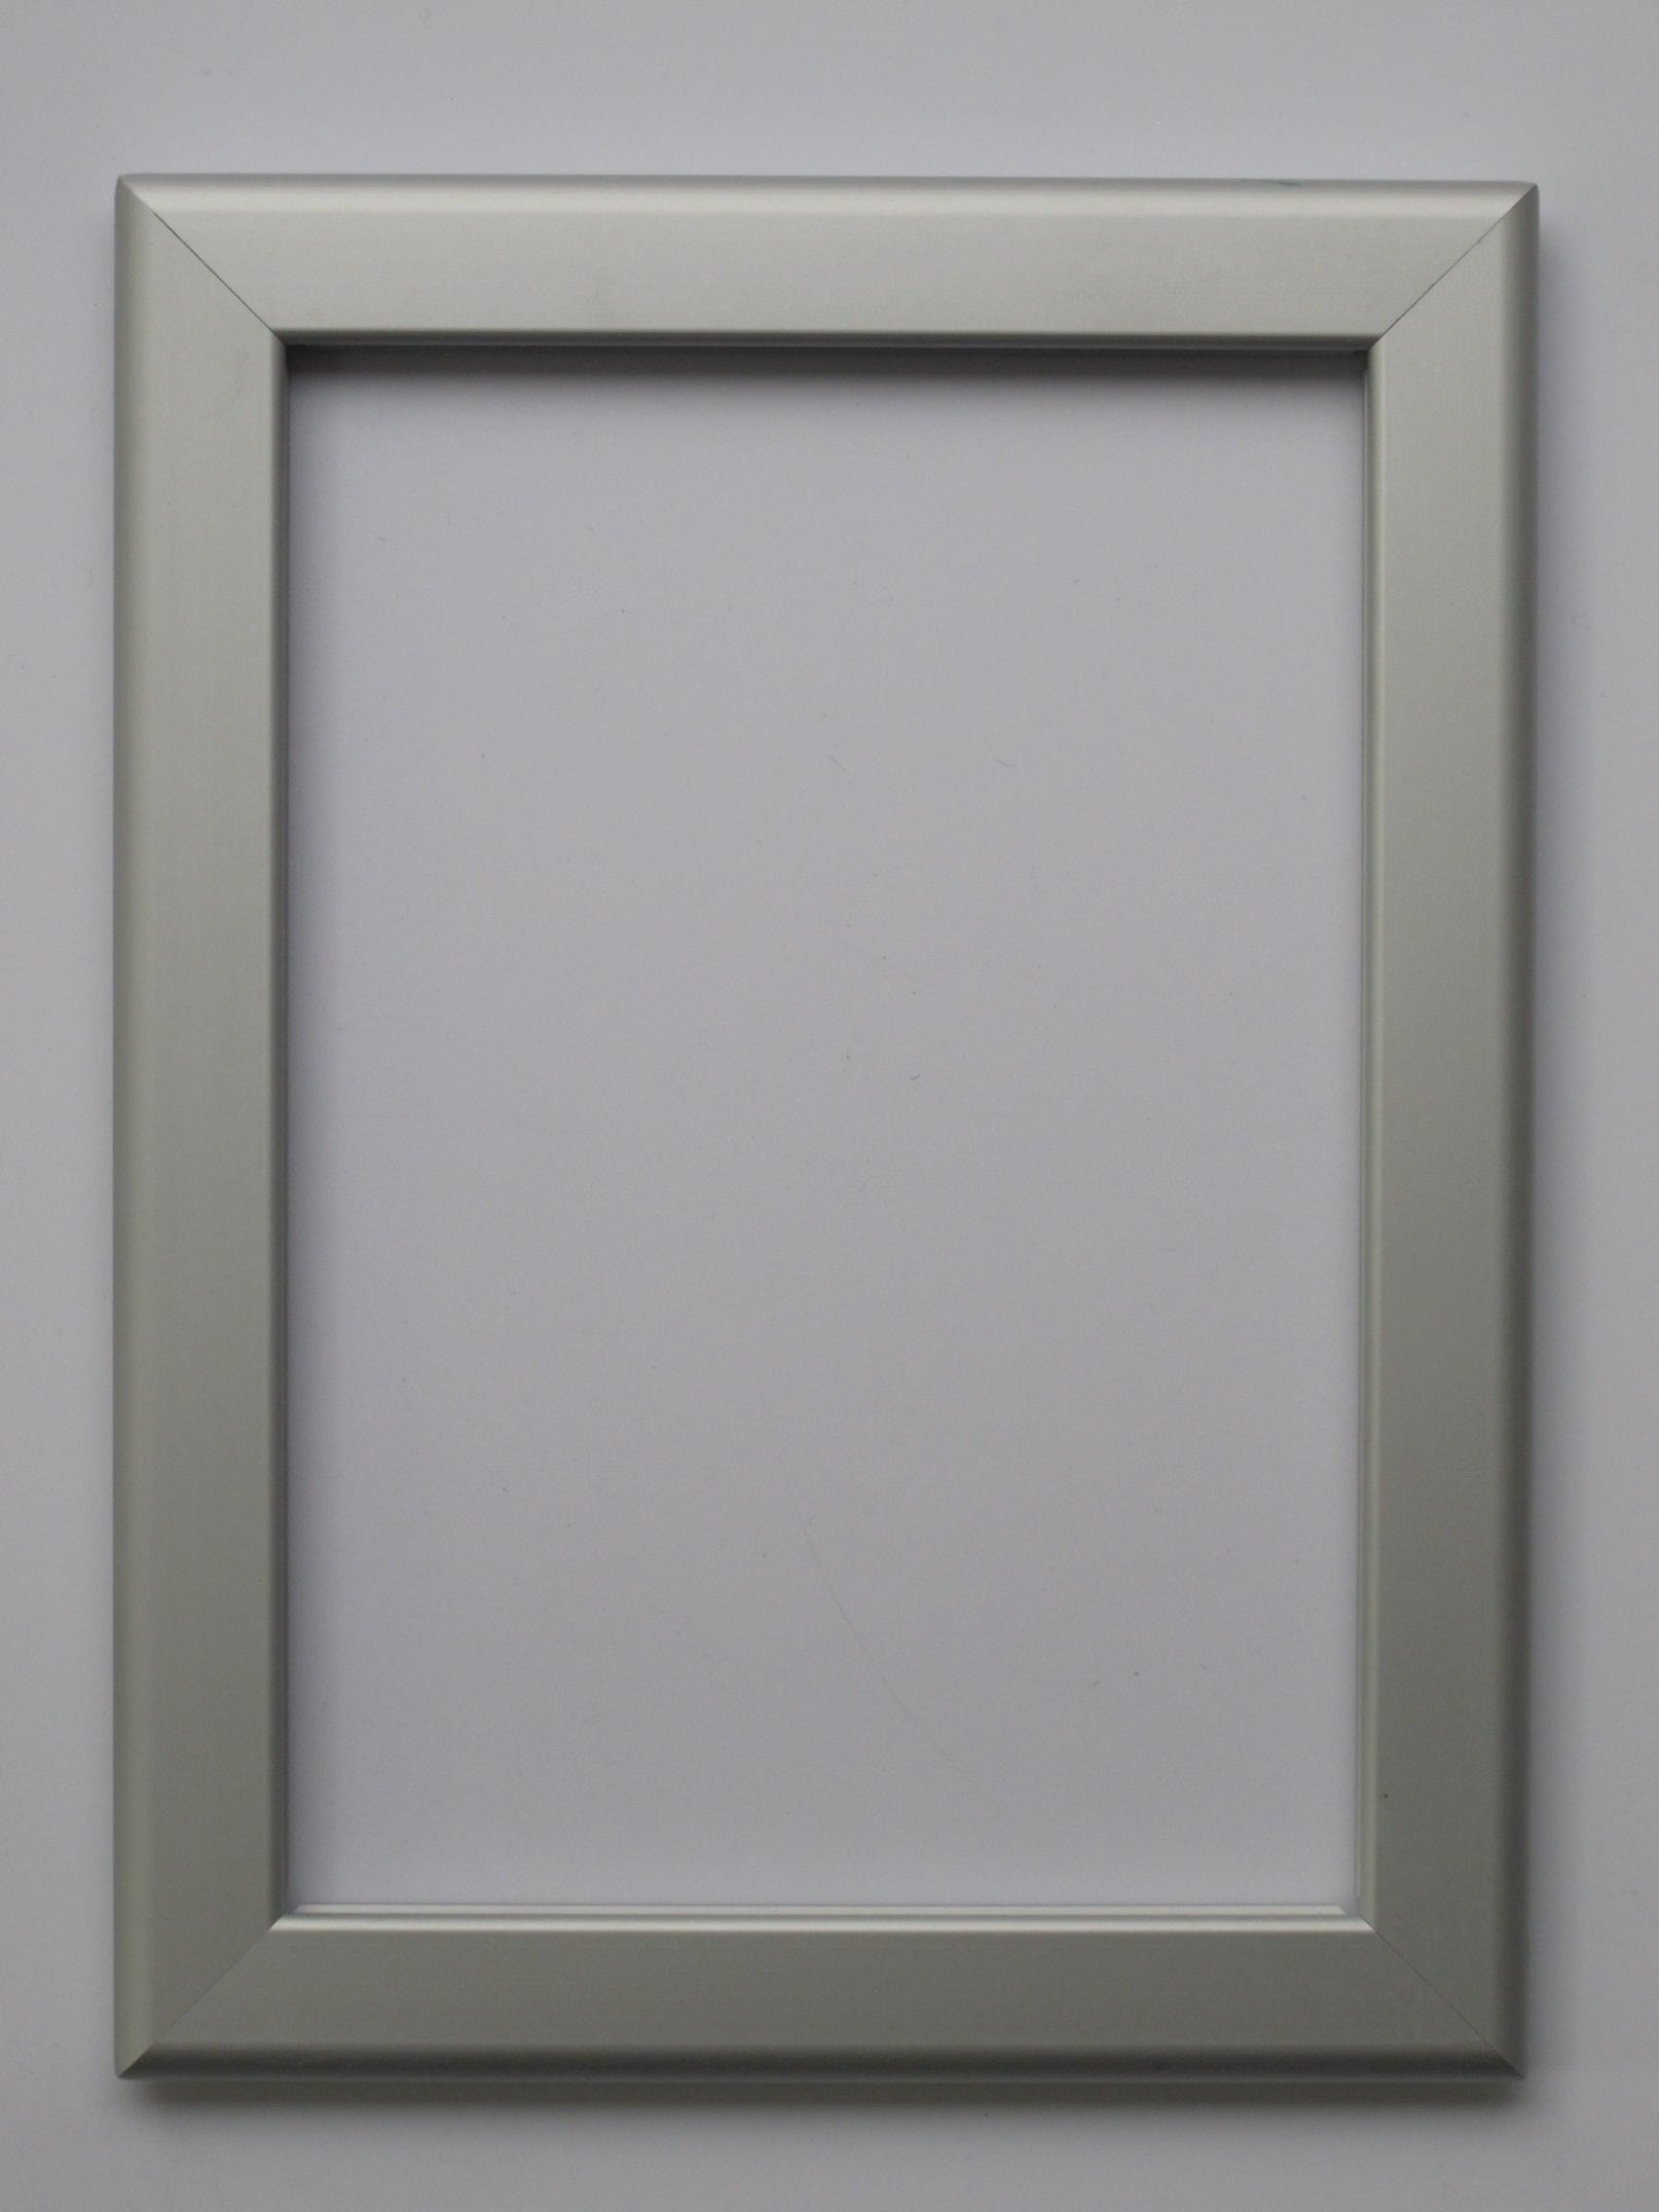 32mmlargesnapframesposterframes stronger frames for